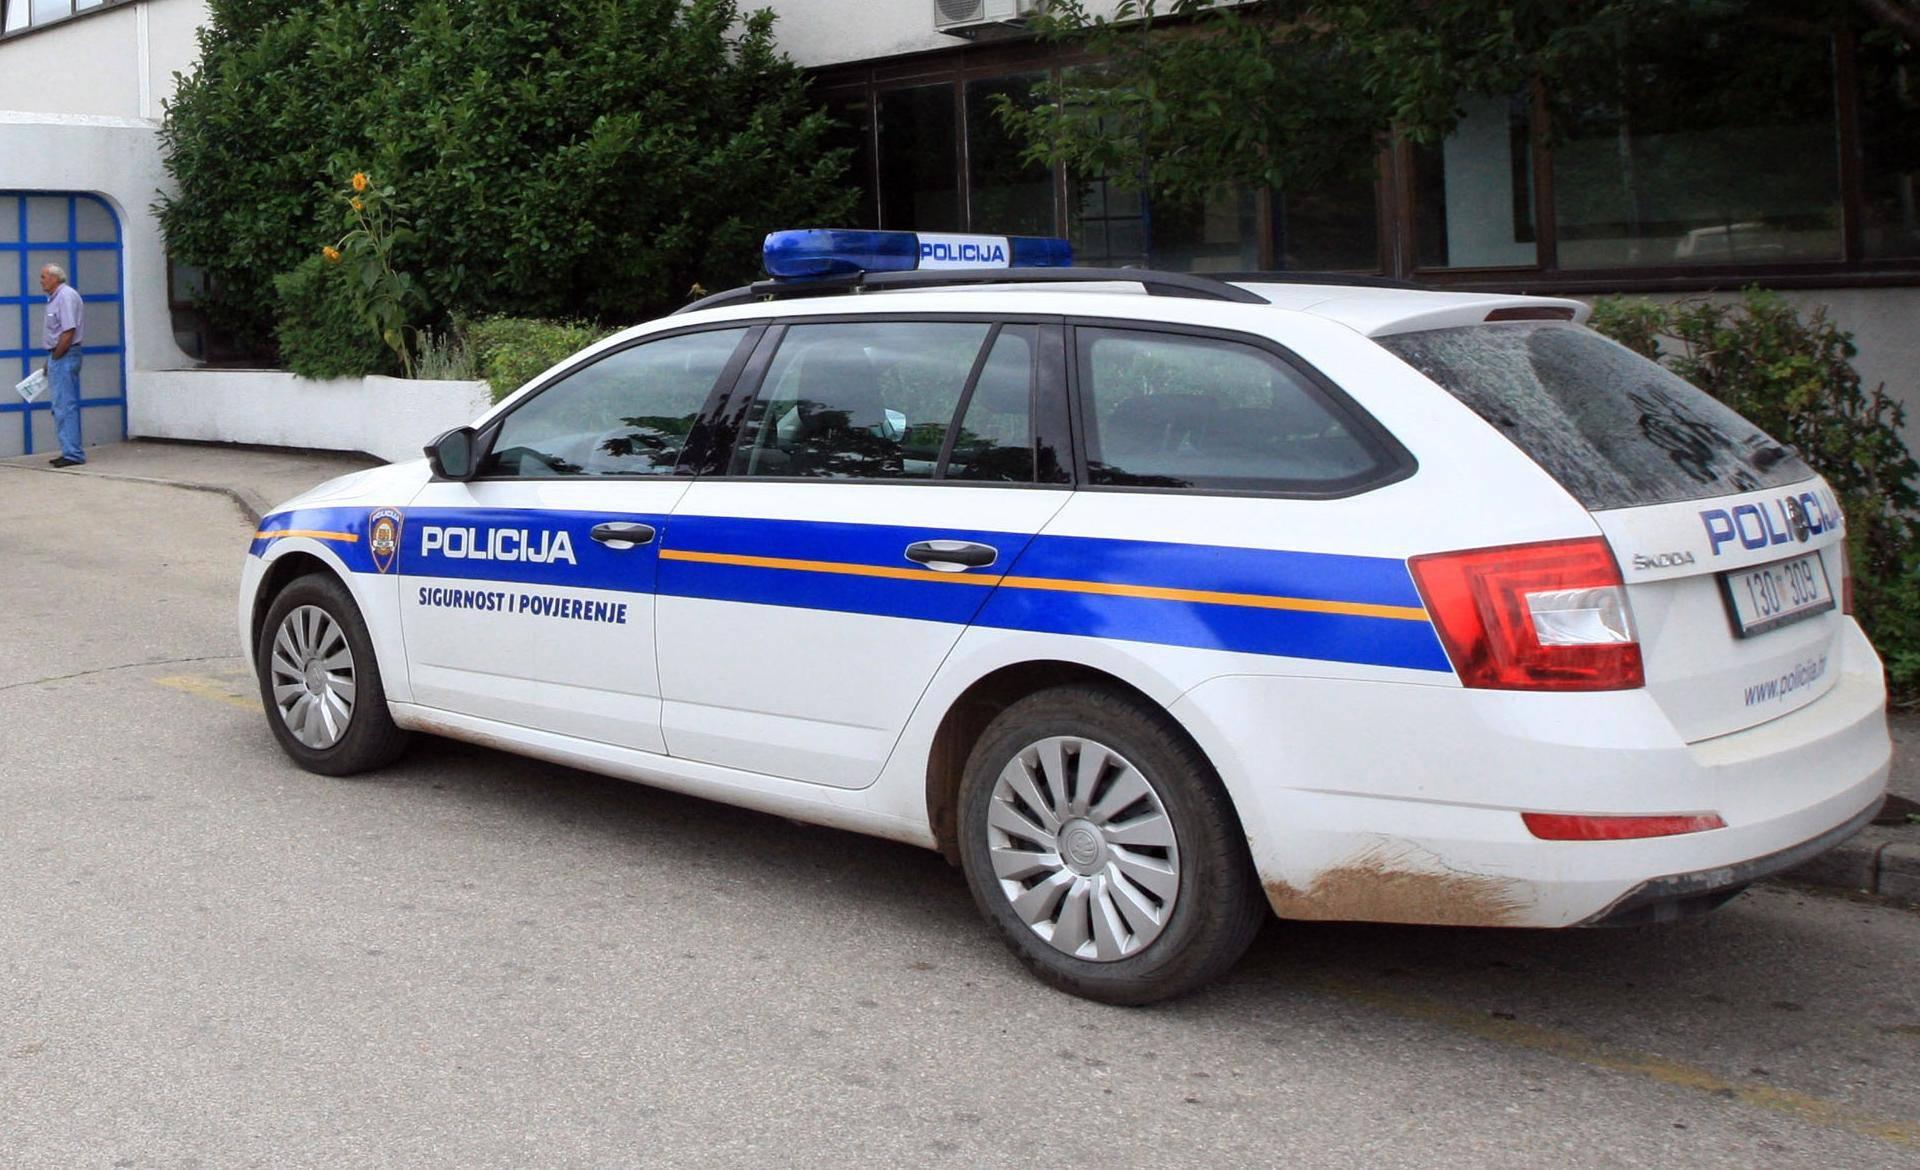 Vozio brzo pa izgubio kontrolu u zavoju: Poginuo vozač (50)